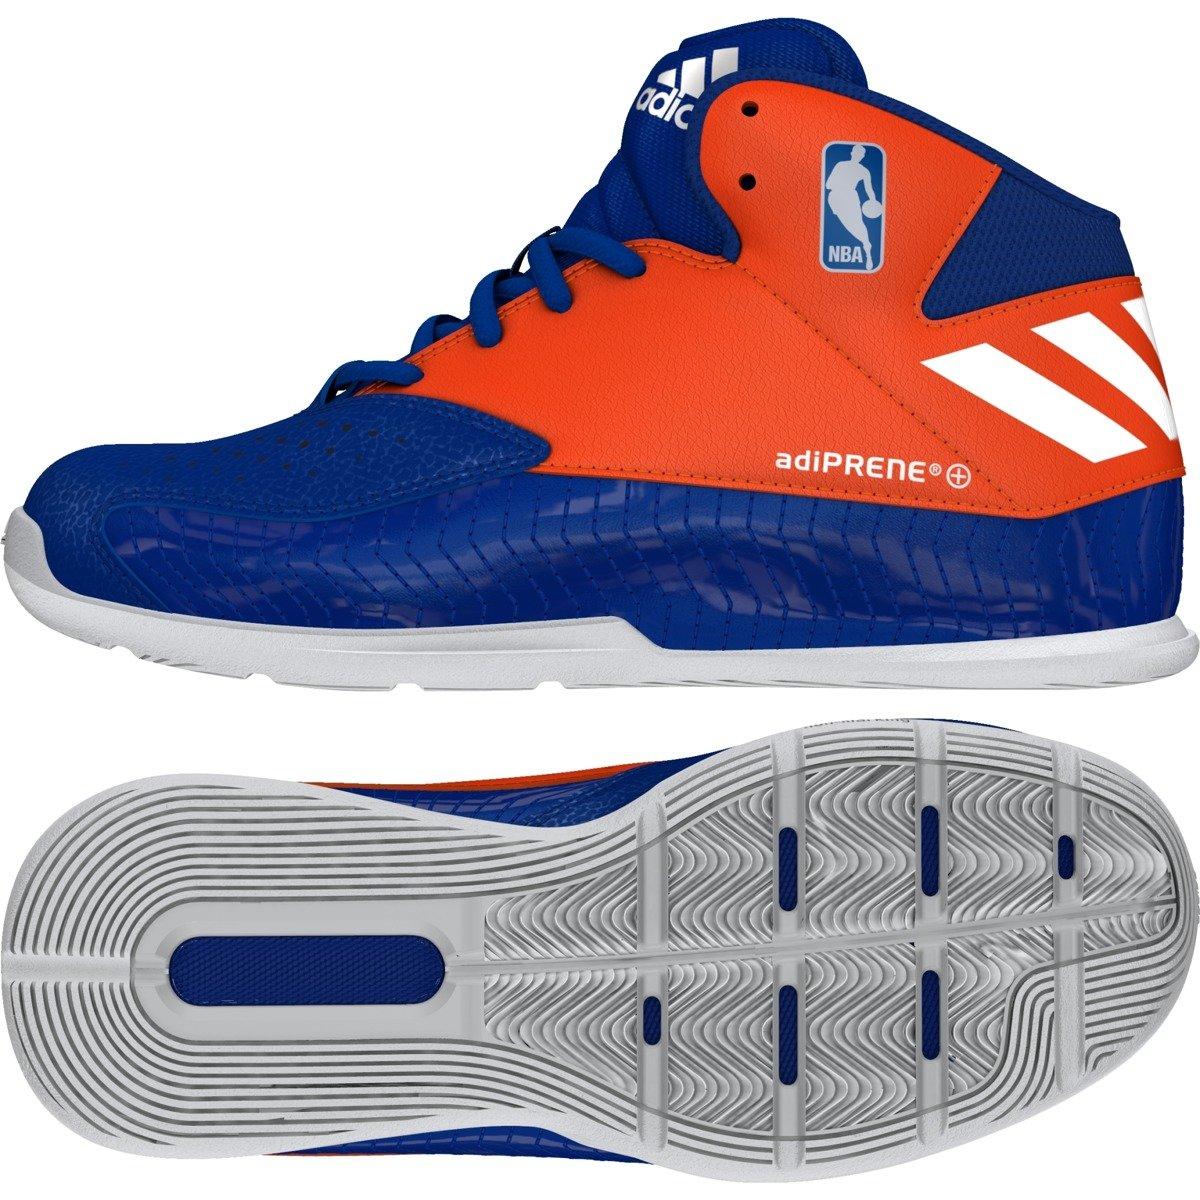 Adidas Bw0501 Next Czerwono Niebieski 5 Level Speed Nba Schuhe 1TFKlJc